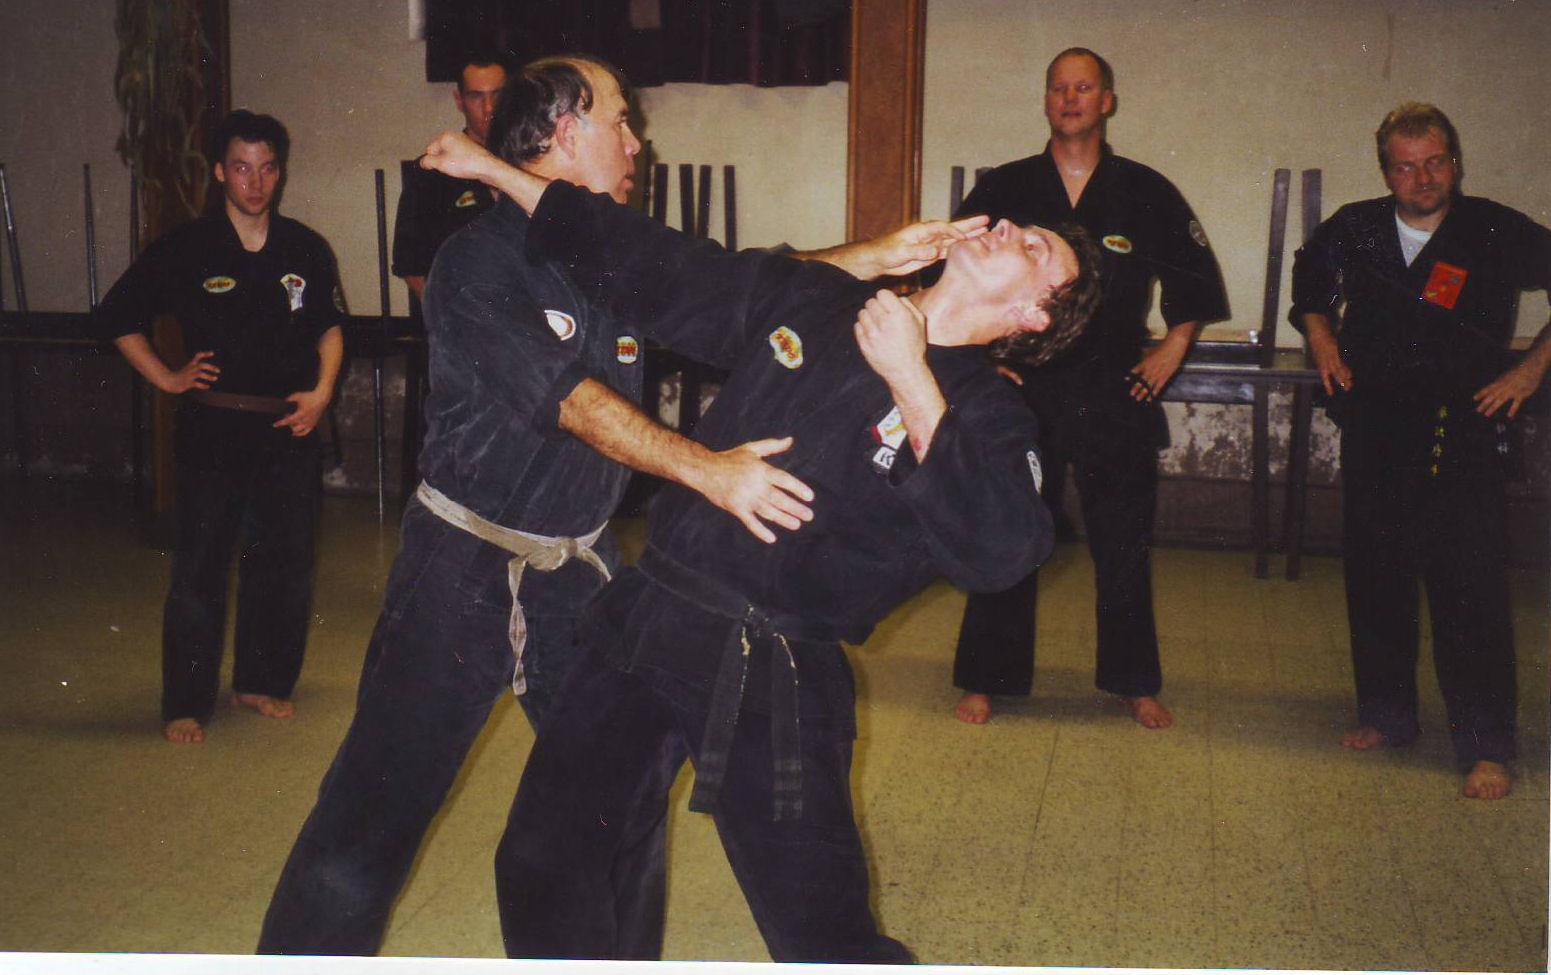 1992-1993 gemangeld door Skip hancock Belgie seminar